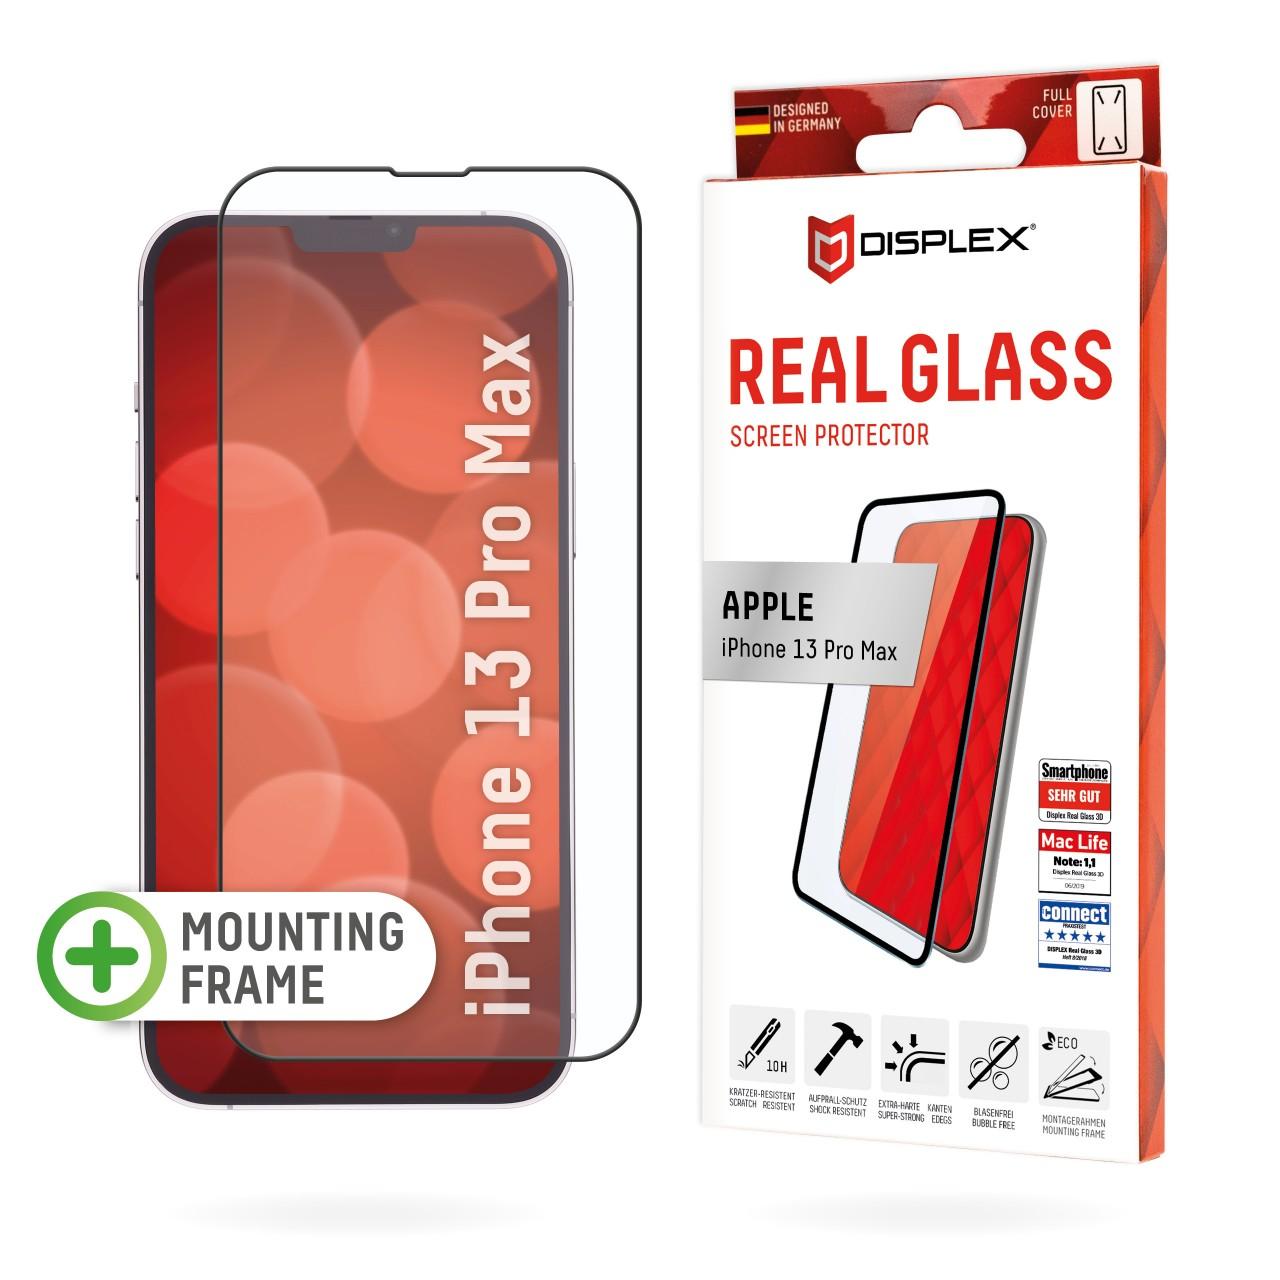 01486-APPLE-iPhone-13-ProMax-RealGlass-FC-3D-ENLzft7R6Fov6mC